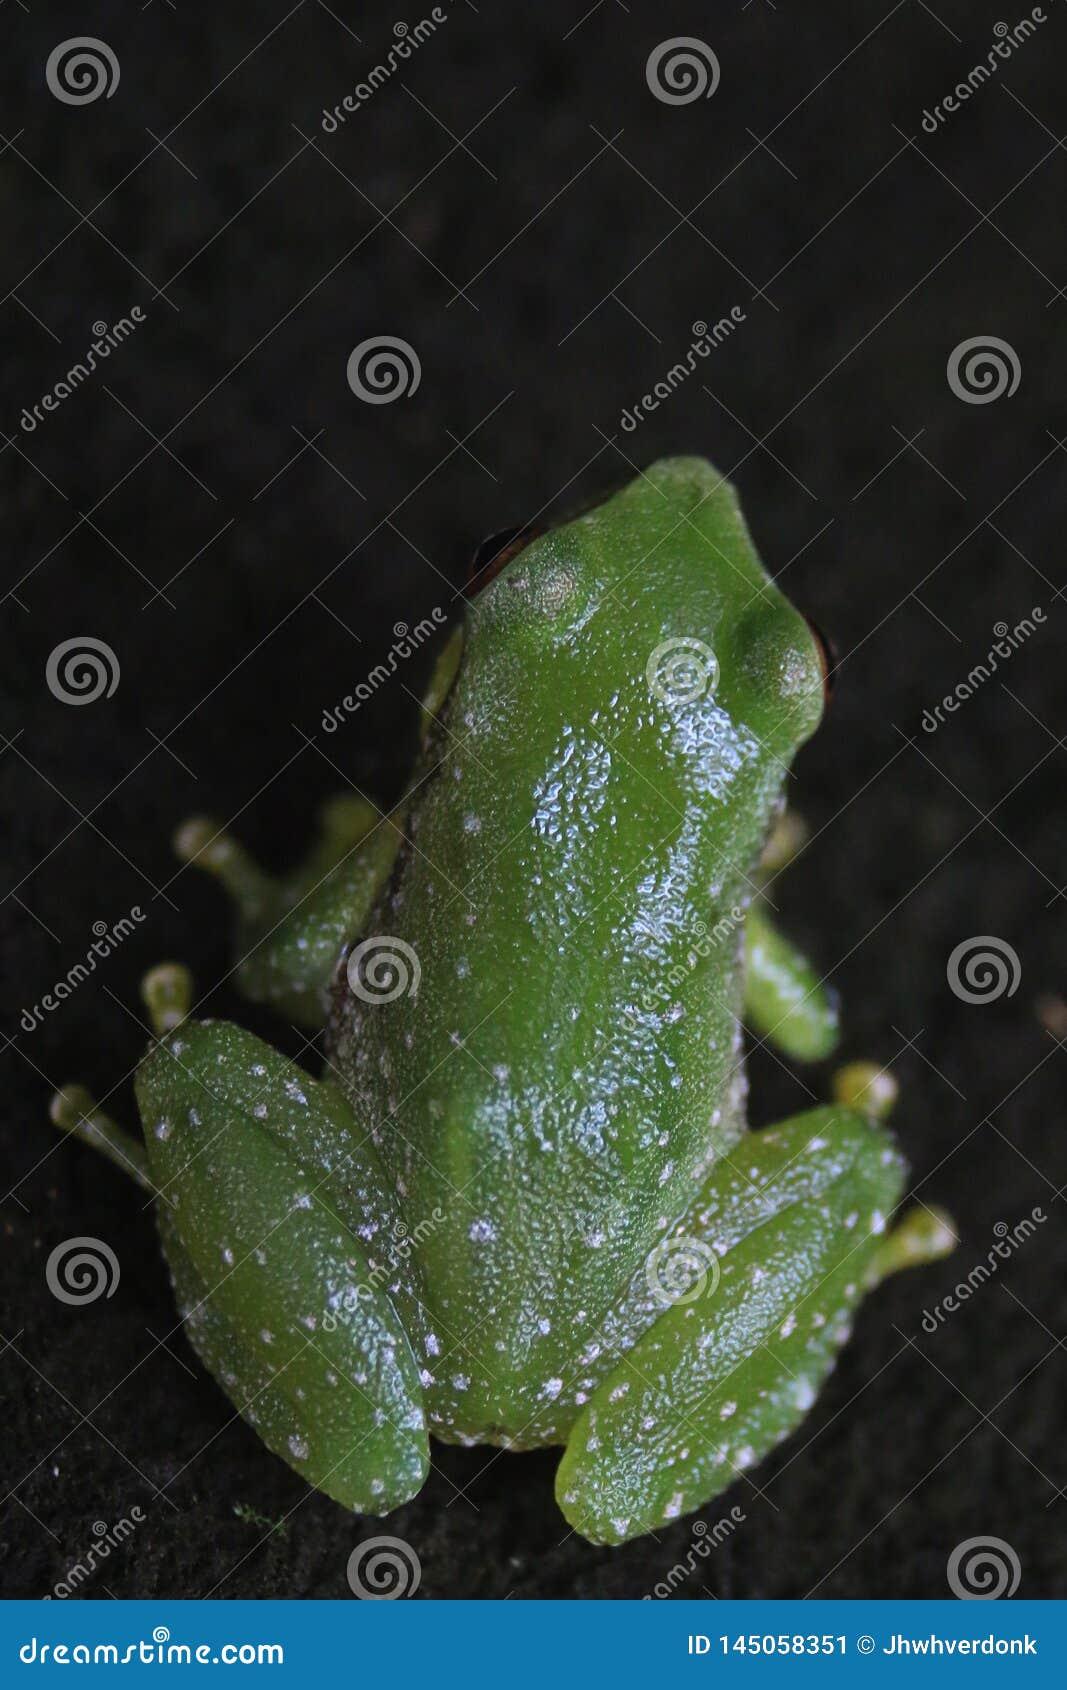 Задняя часть небольшой зеленой лягушки с небольшими белыми пятнами